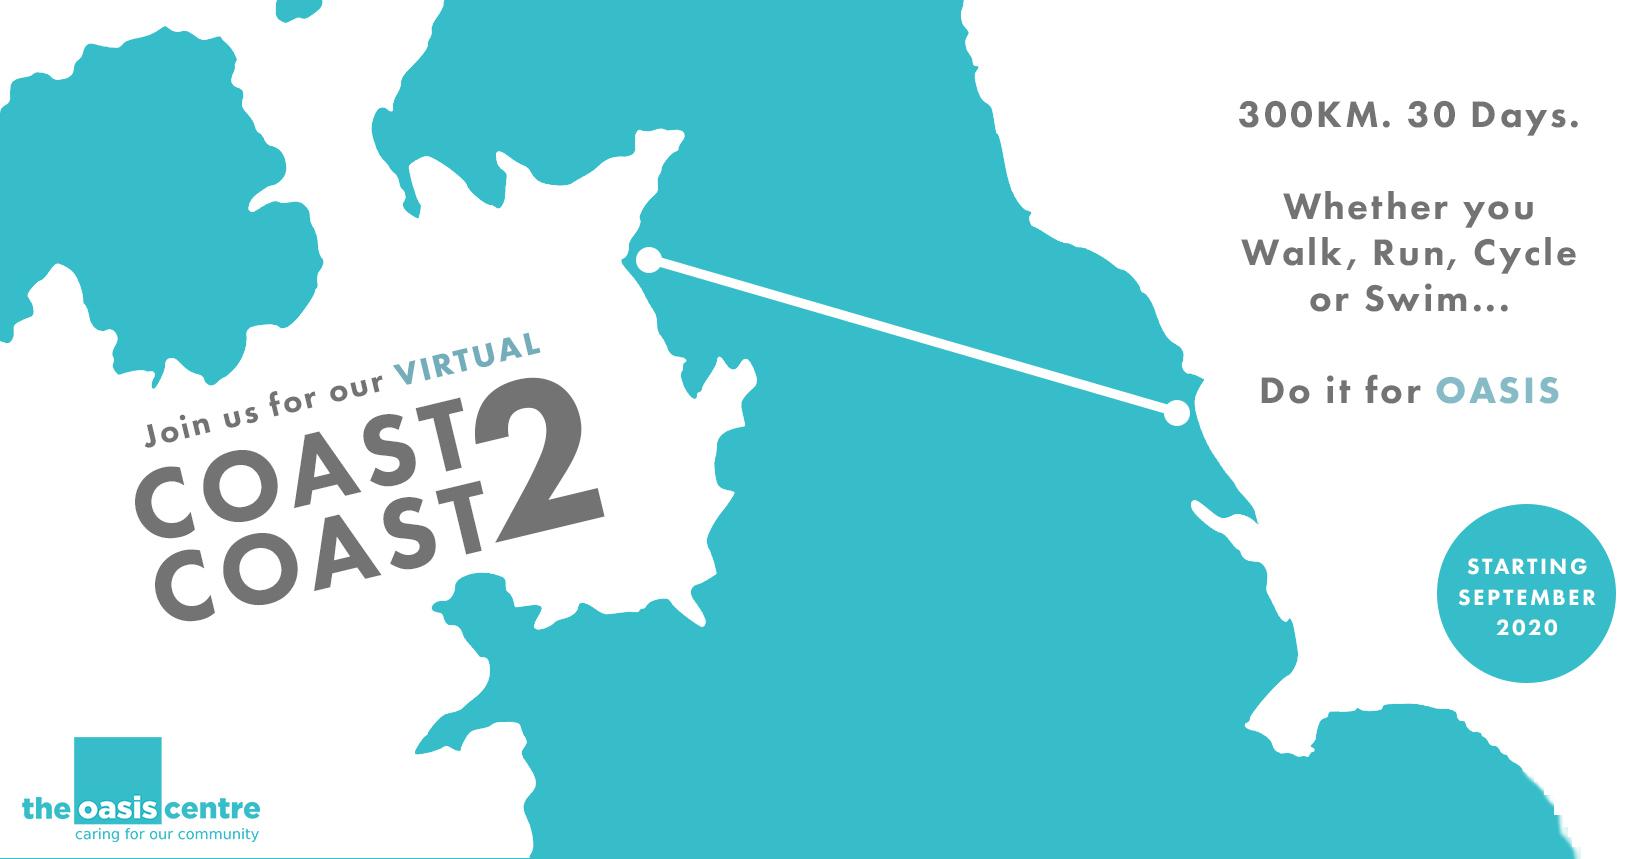 Oasis Coast to Coast 2020